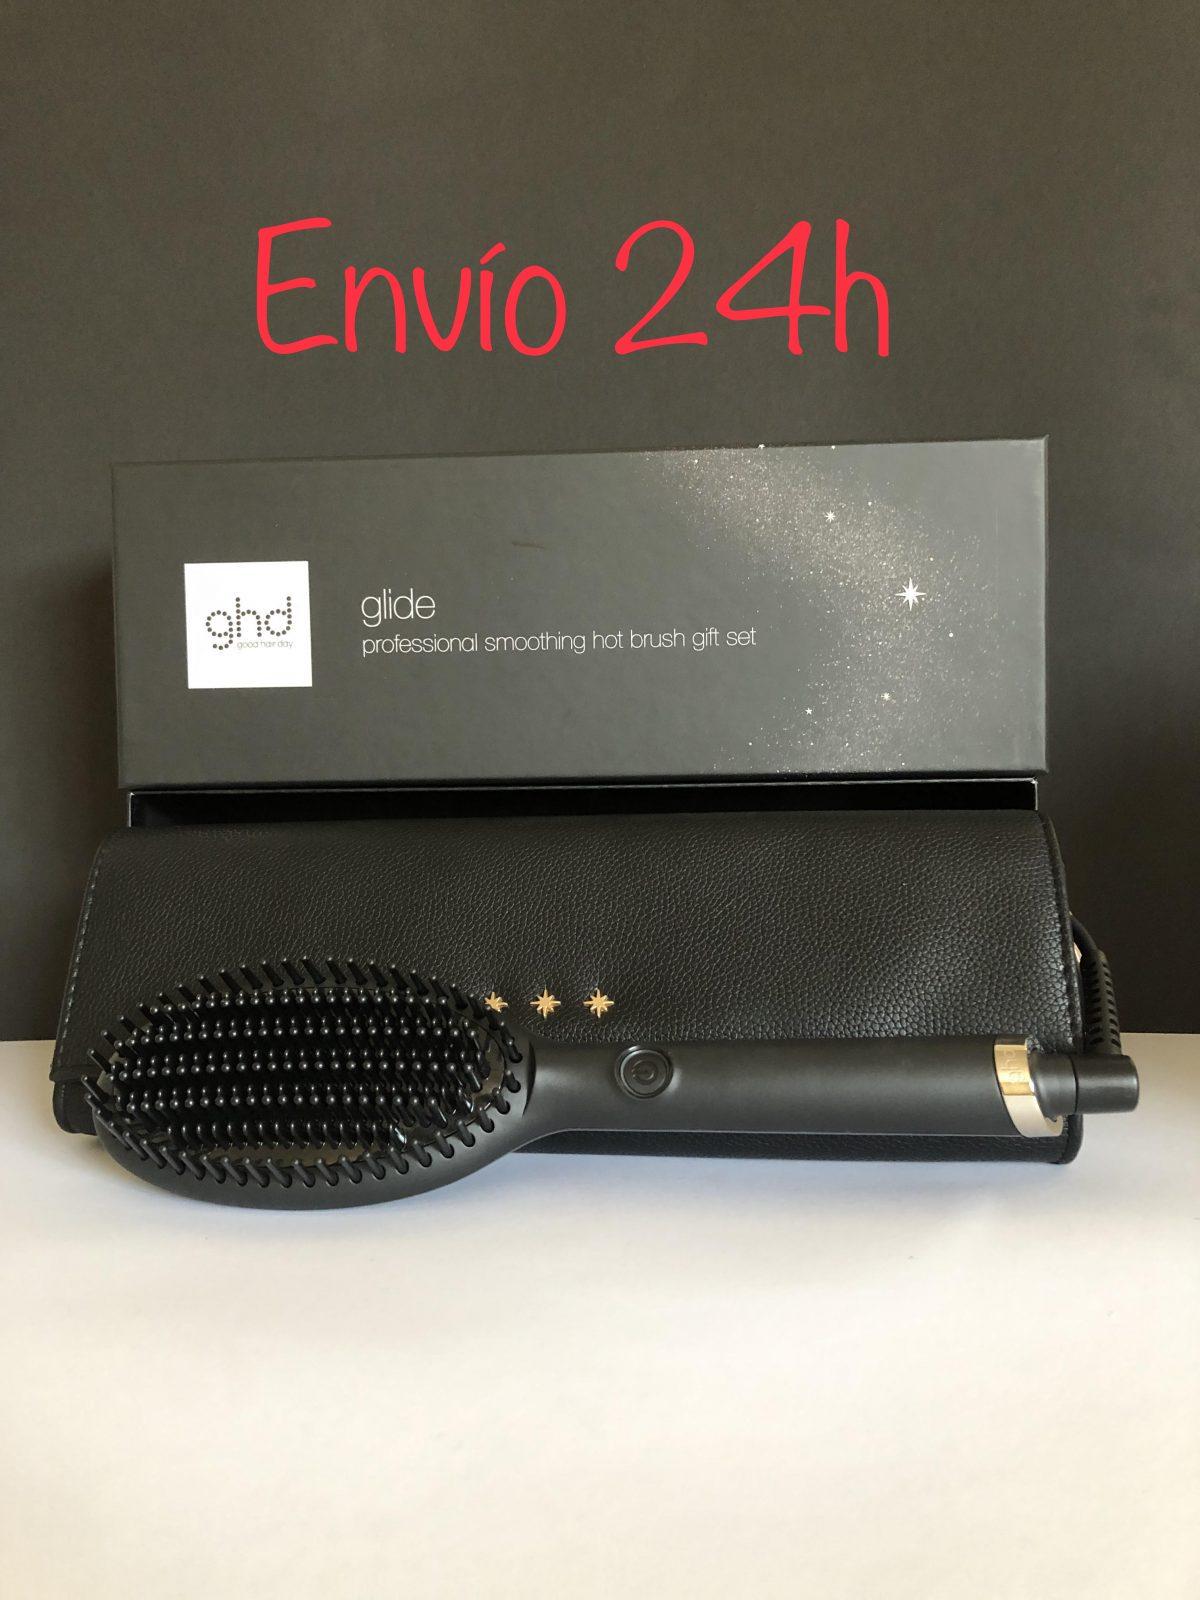 Cepillo eléctrico ghd glide con estuche